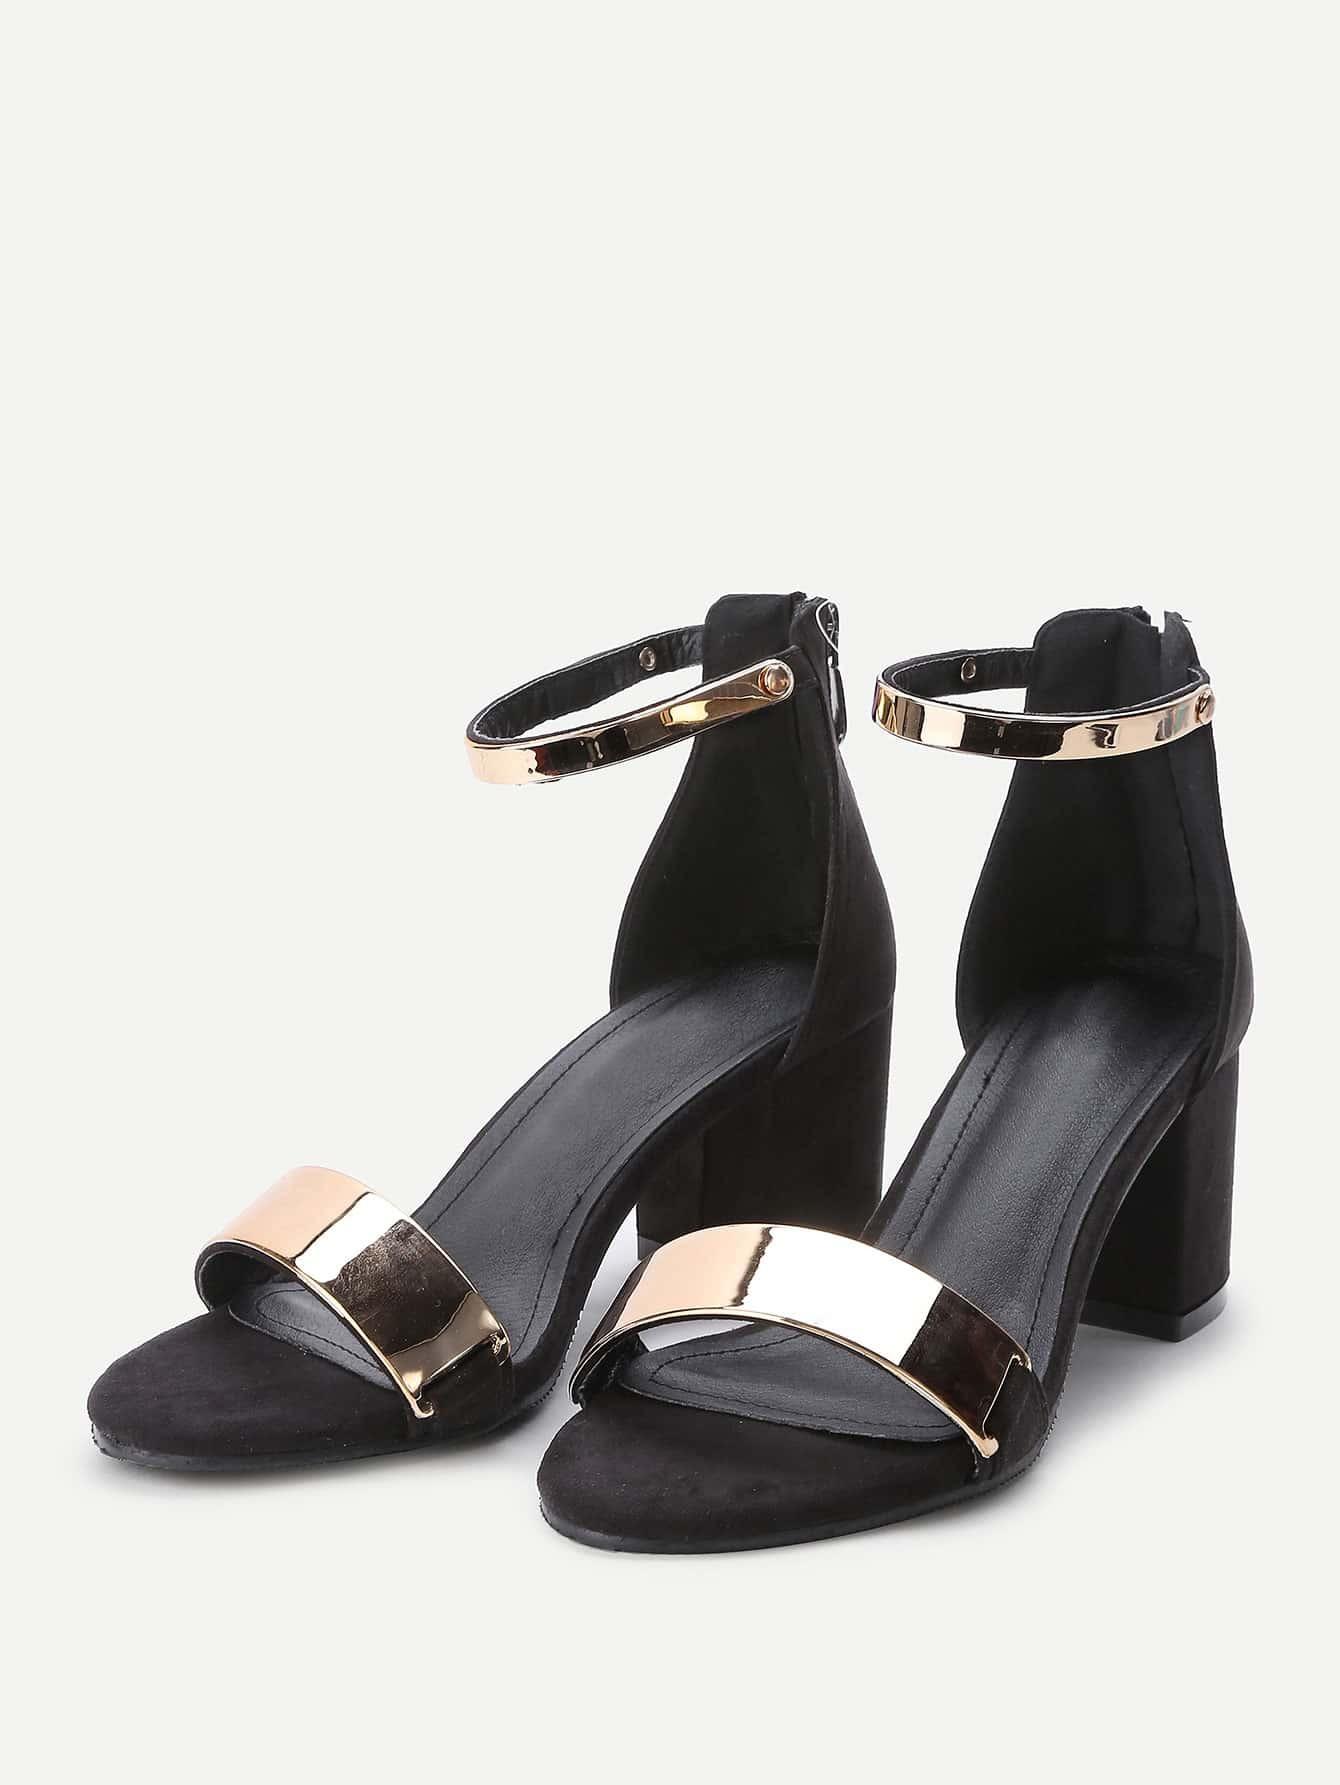 shoes170313801_2